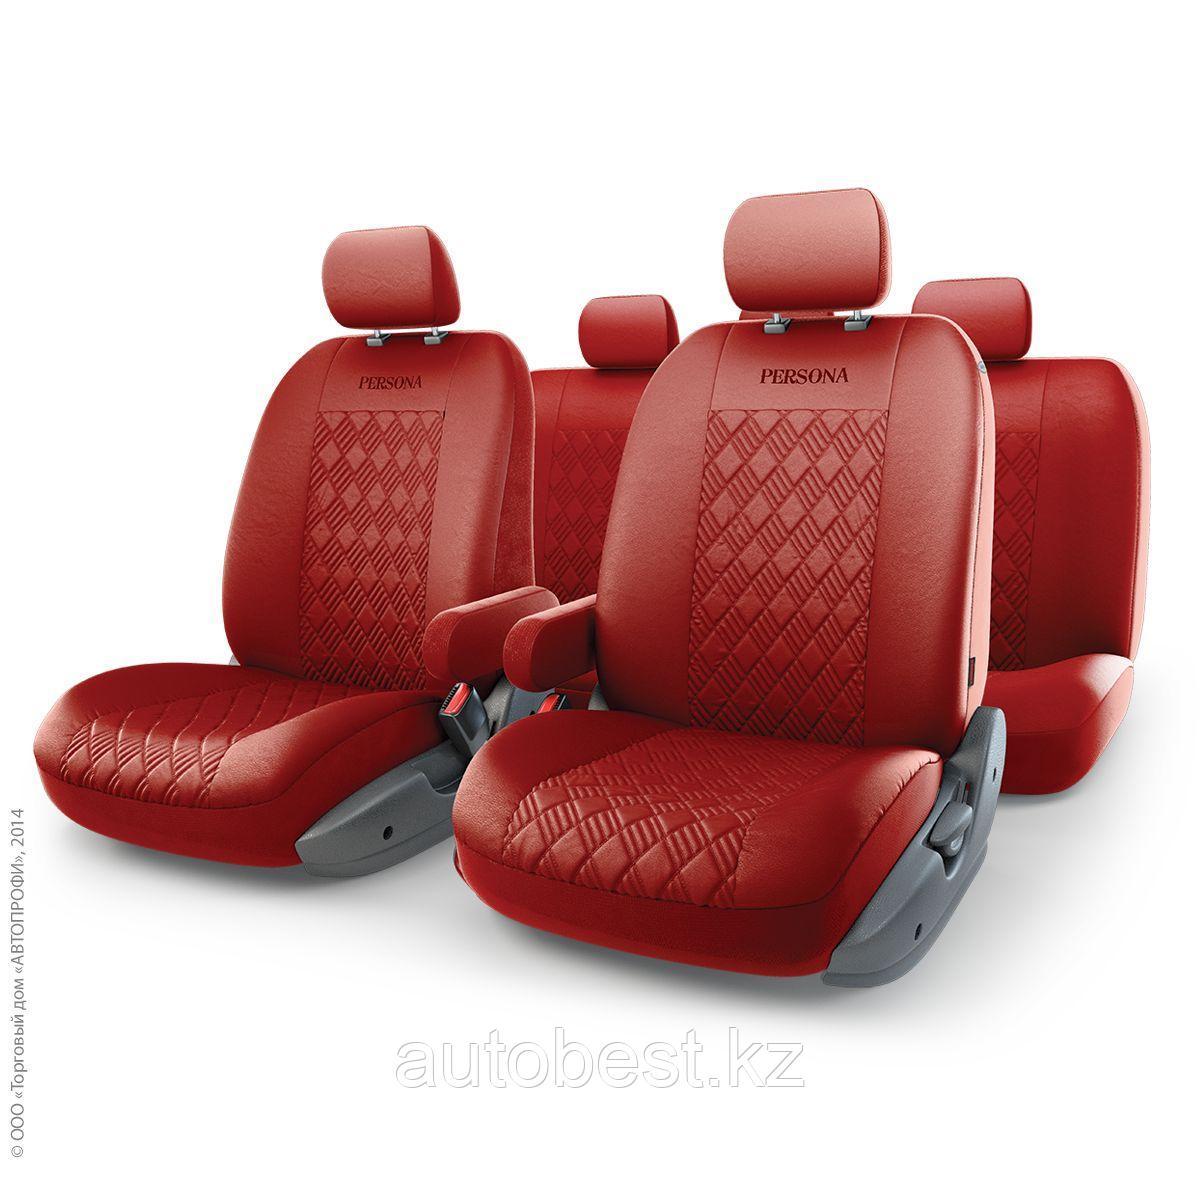 PERSONA Full авточехлы экокожа,спинка из эласт.экокожи(13 предм. 2 подлокот, Airbag),алый красный1/5